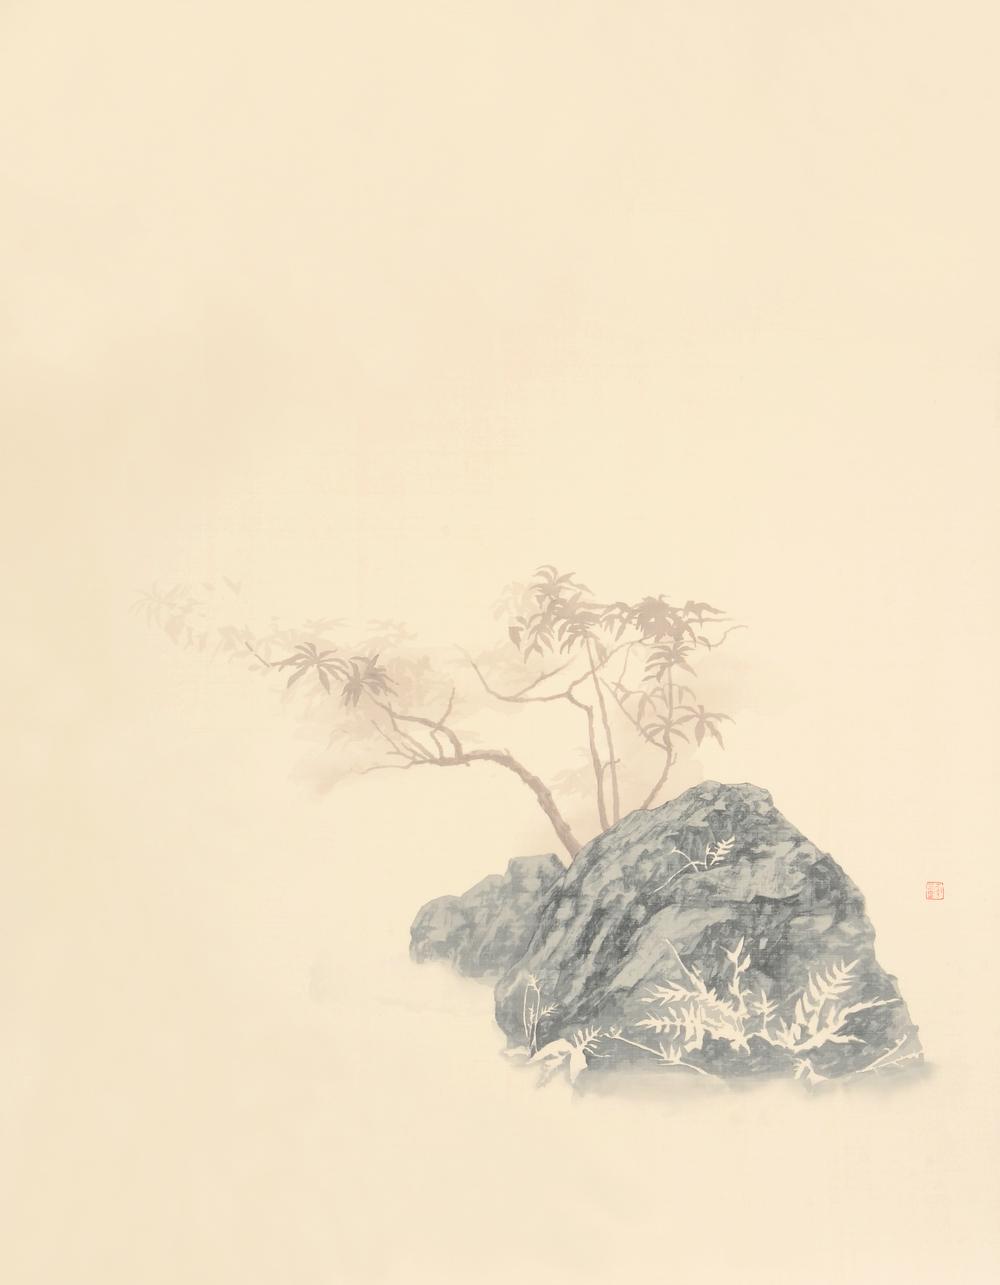 幽棲草自生-3  82x107 cm  2015  水墨絹本